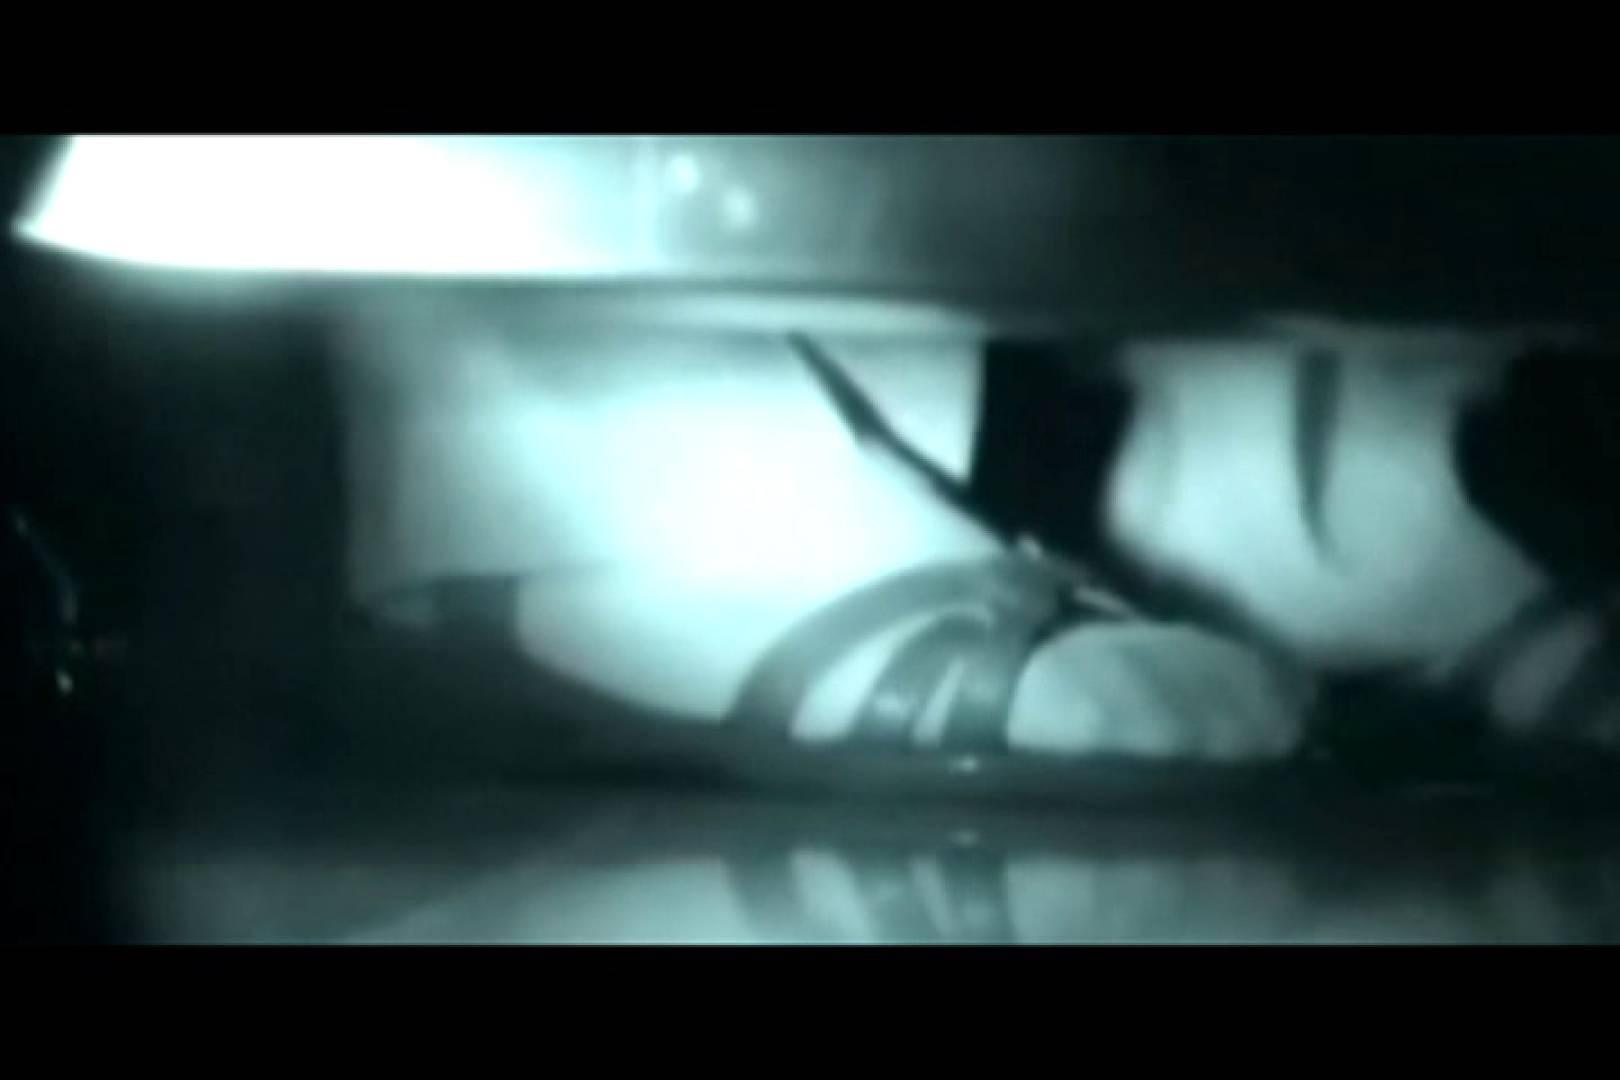 ぼっとん洗面所スペシャルVol.19 おまんこ丸見え | OL女体  87連発 37